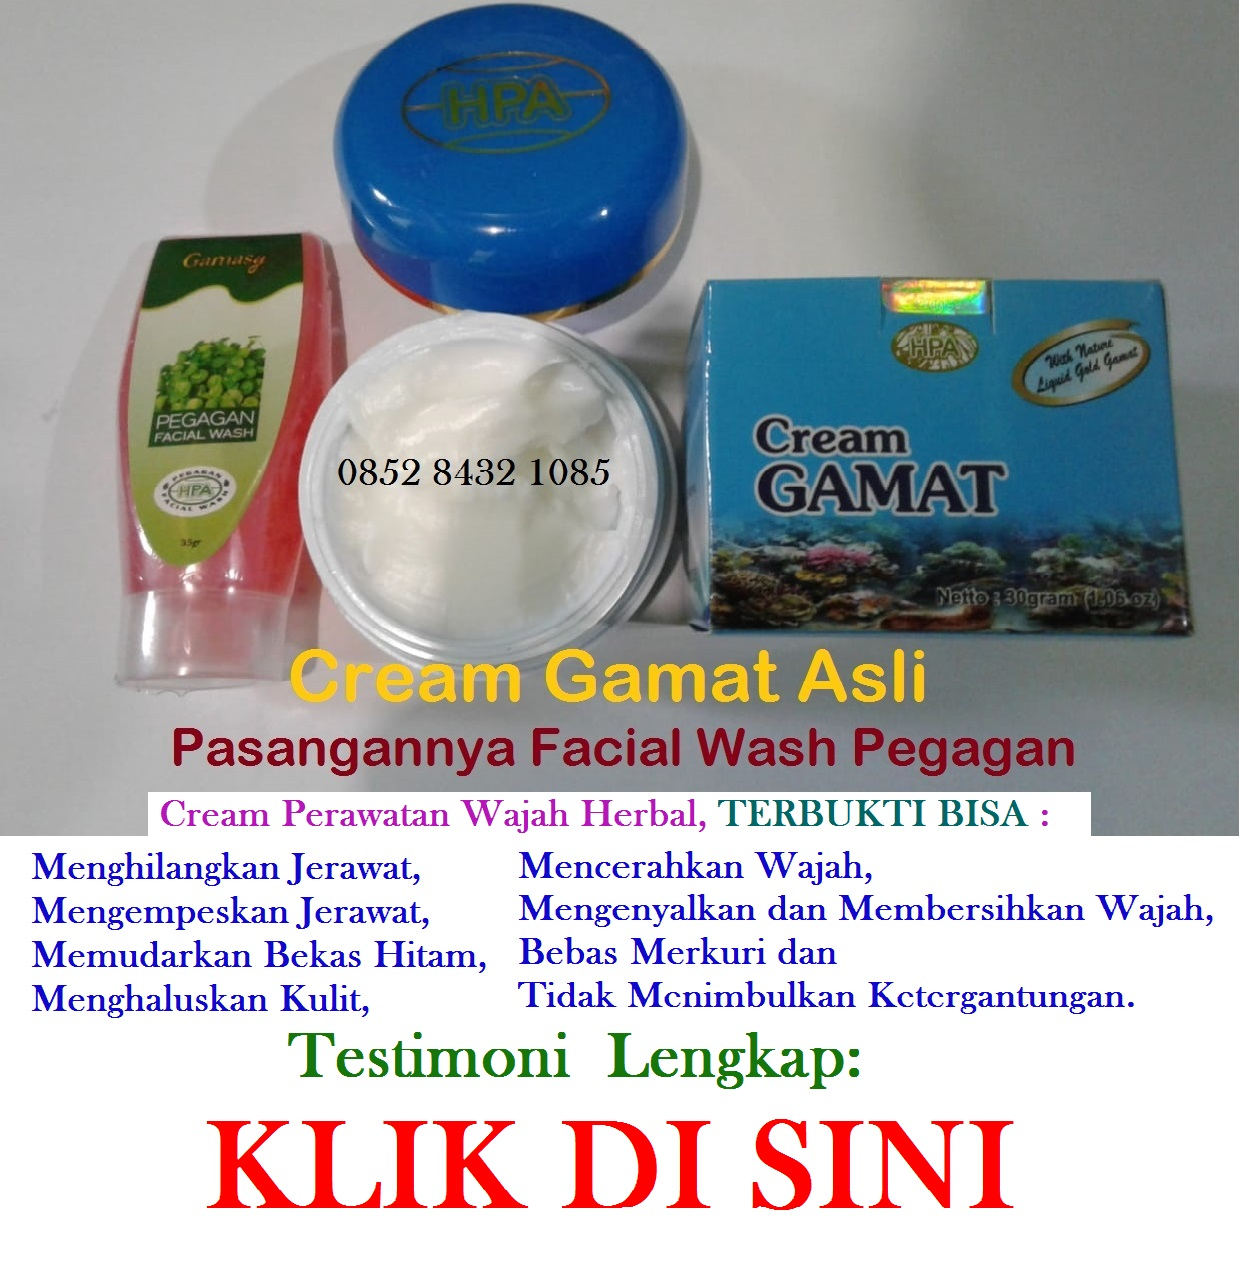 Salep mediklin TR Untuk Obat Jerawat dan Efek Samping ...